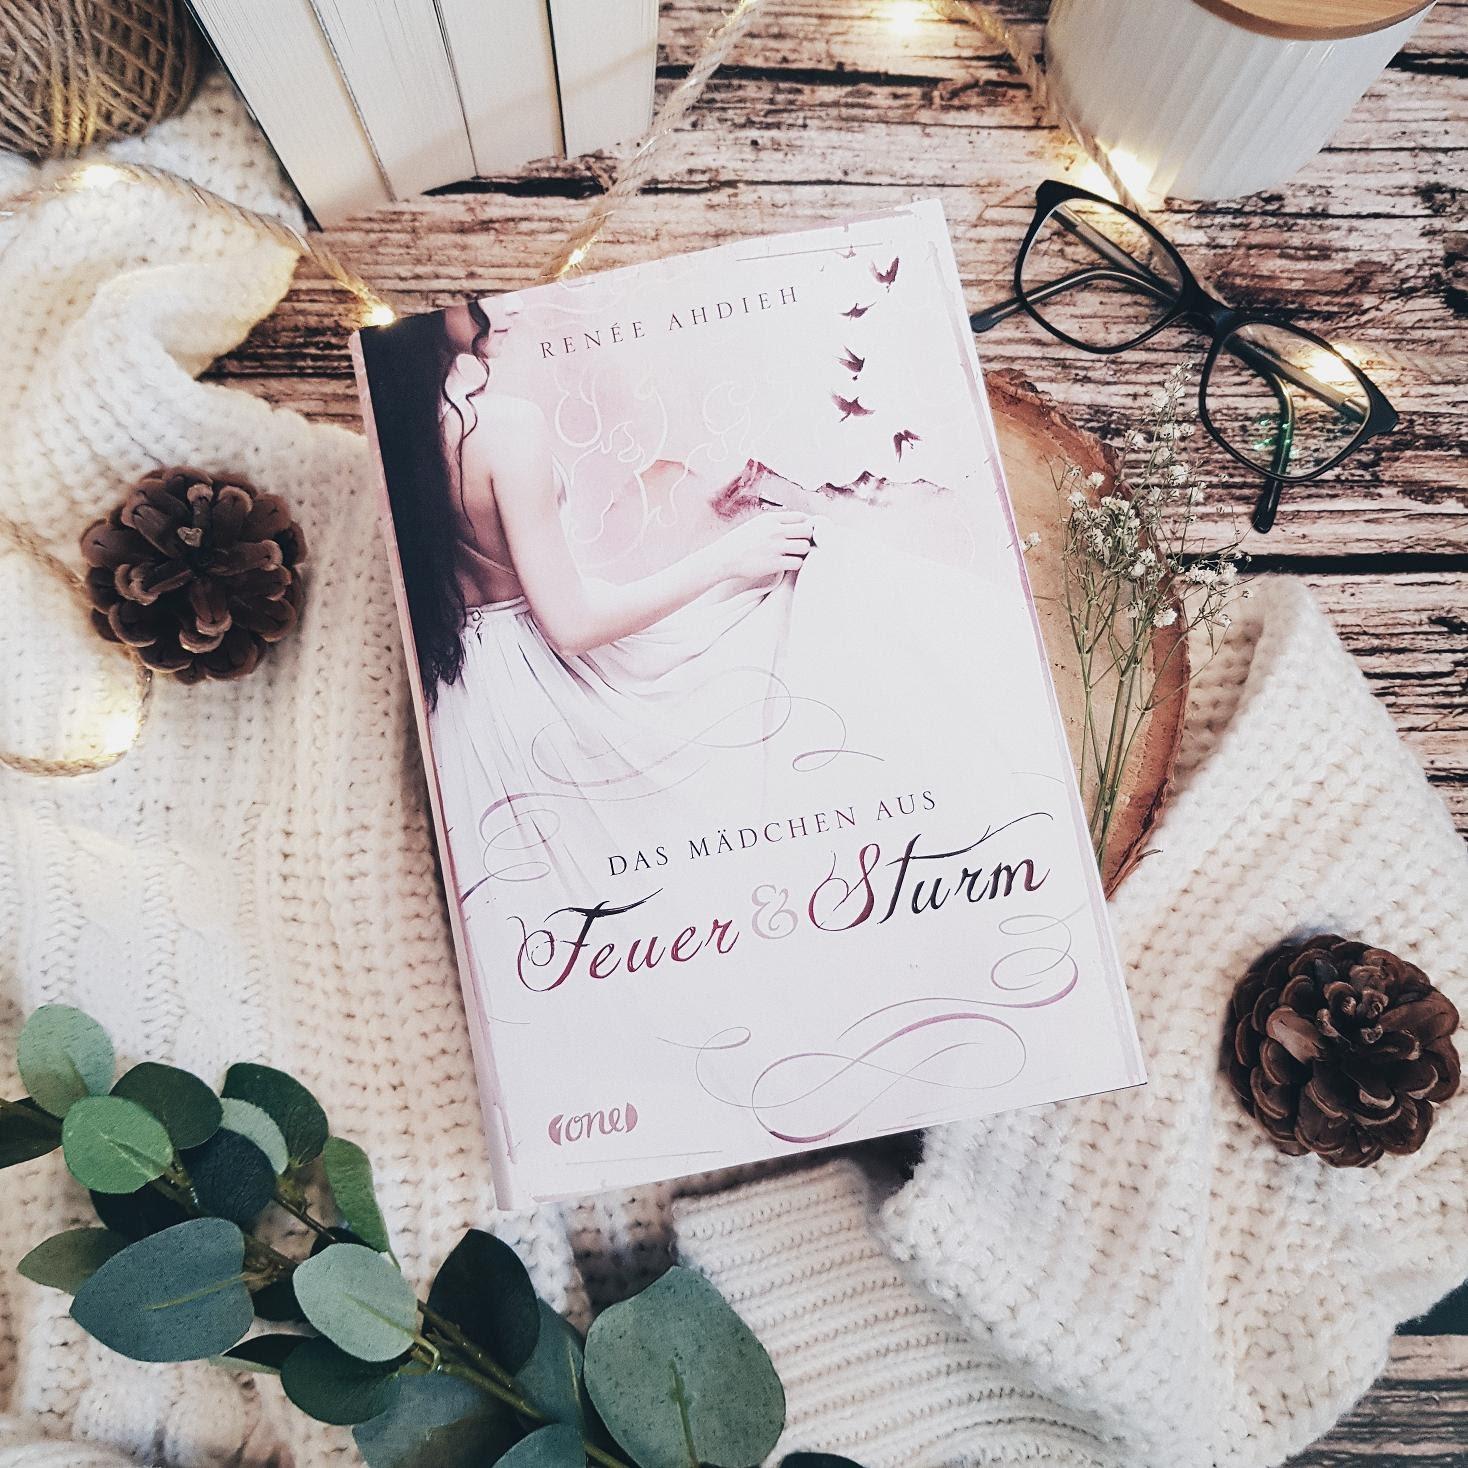 Bücherblog. Rezension. Buchcover. Das Mädchen aus Feuer und Sturm (Bd.1) von Renée Ahdieh. Fantasy. Jugendbuch. one.